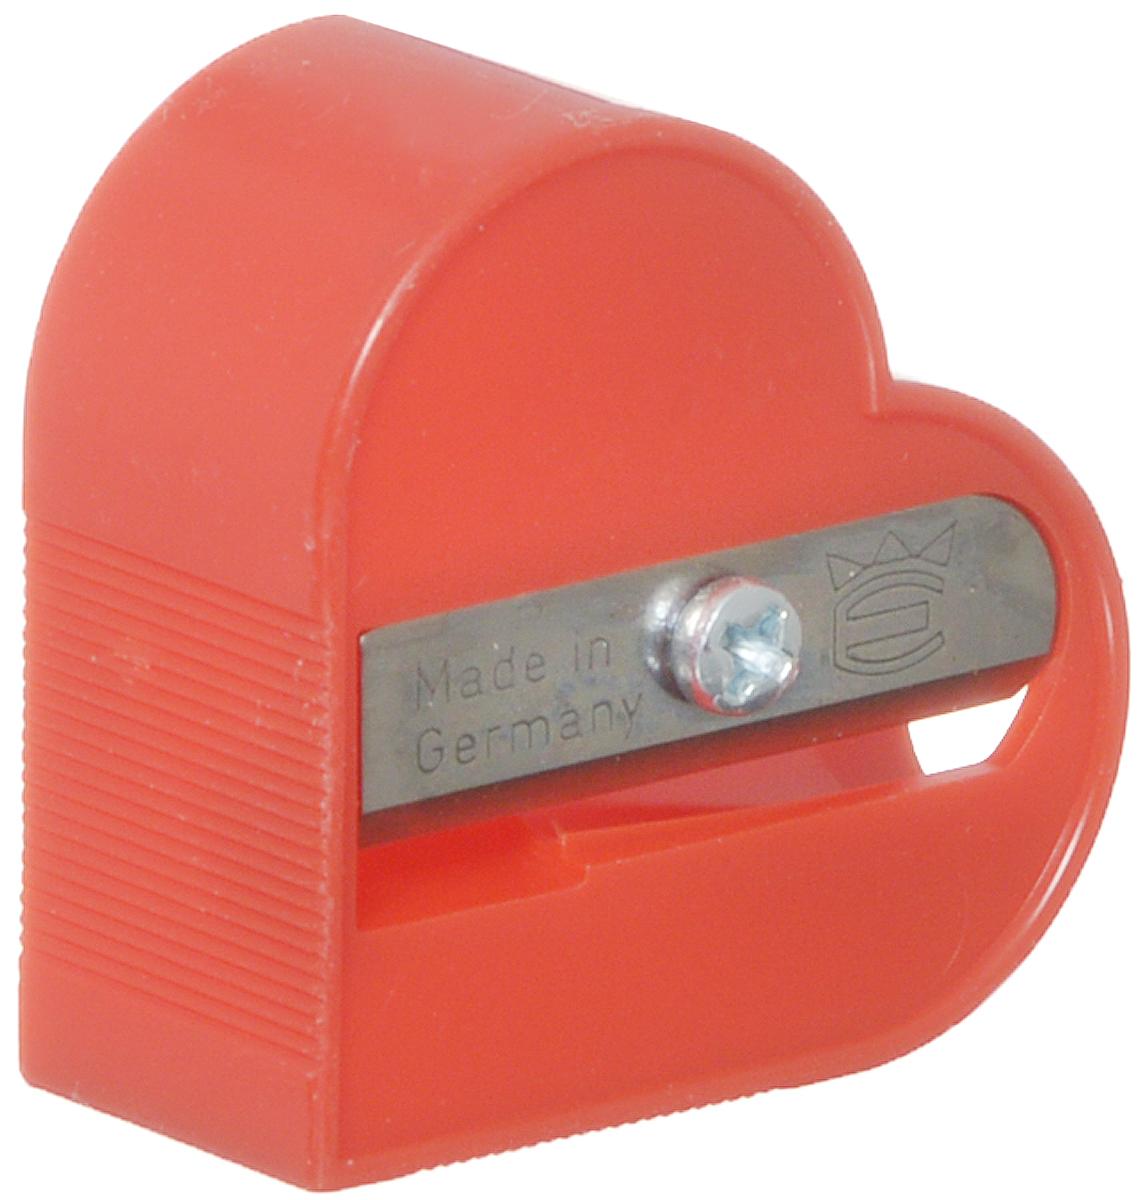 Eisen Точилка Сердце цвет красный111.01.999/BL_красныйТочилка Eisen Сердце предназначена для затачивания классических простых и цветных карандашей. Точилка изготовлена из качественного материала и имеет рельефную область захвата. Острые лезвия обеспечивают высококачественную и точную заточку карандашей.